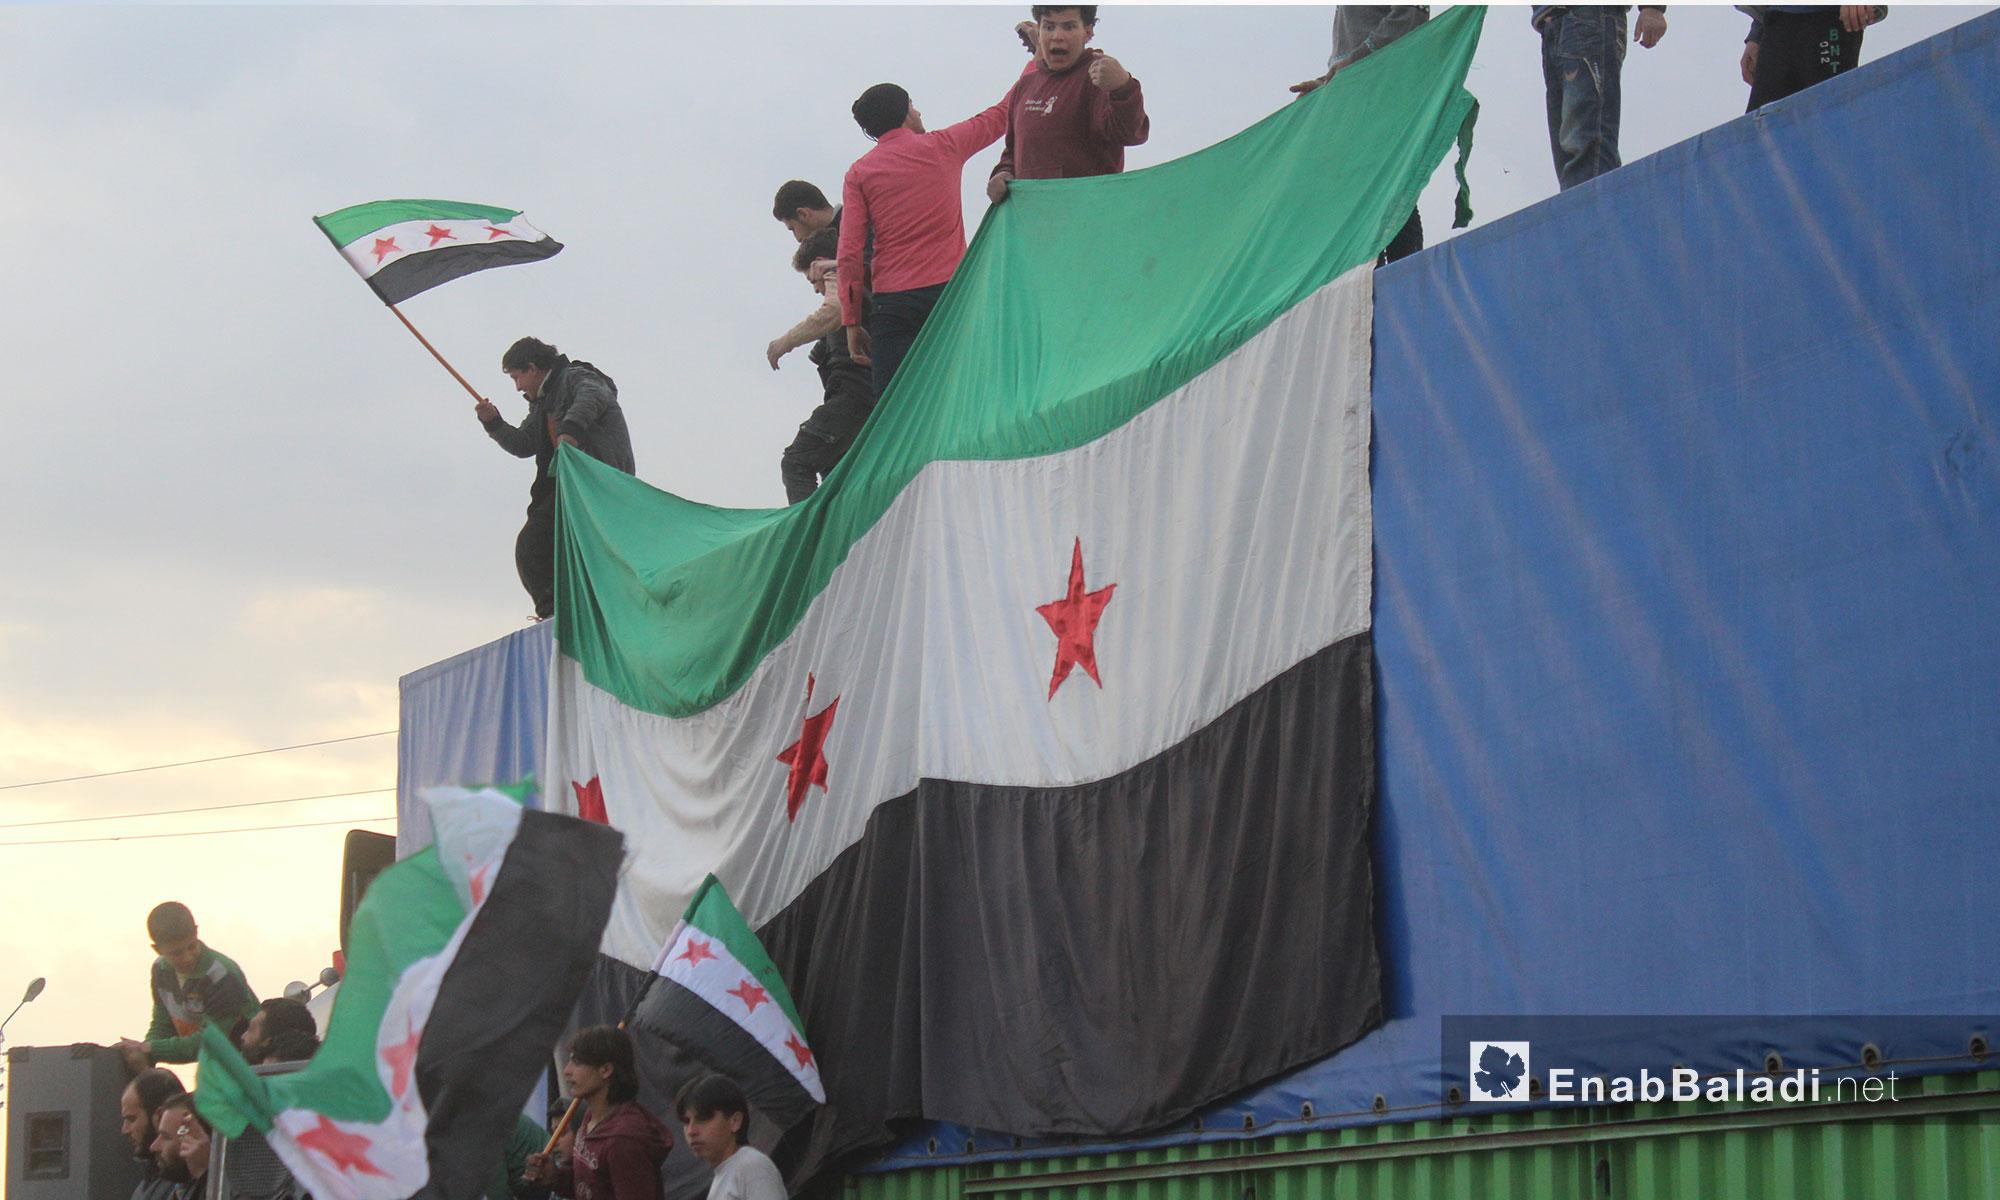 طالبوا فصائل الجيش الحر بالتوجه لتحرير أراضيهم كي لا يسيطر عليها النظام